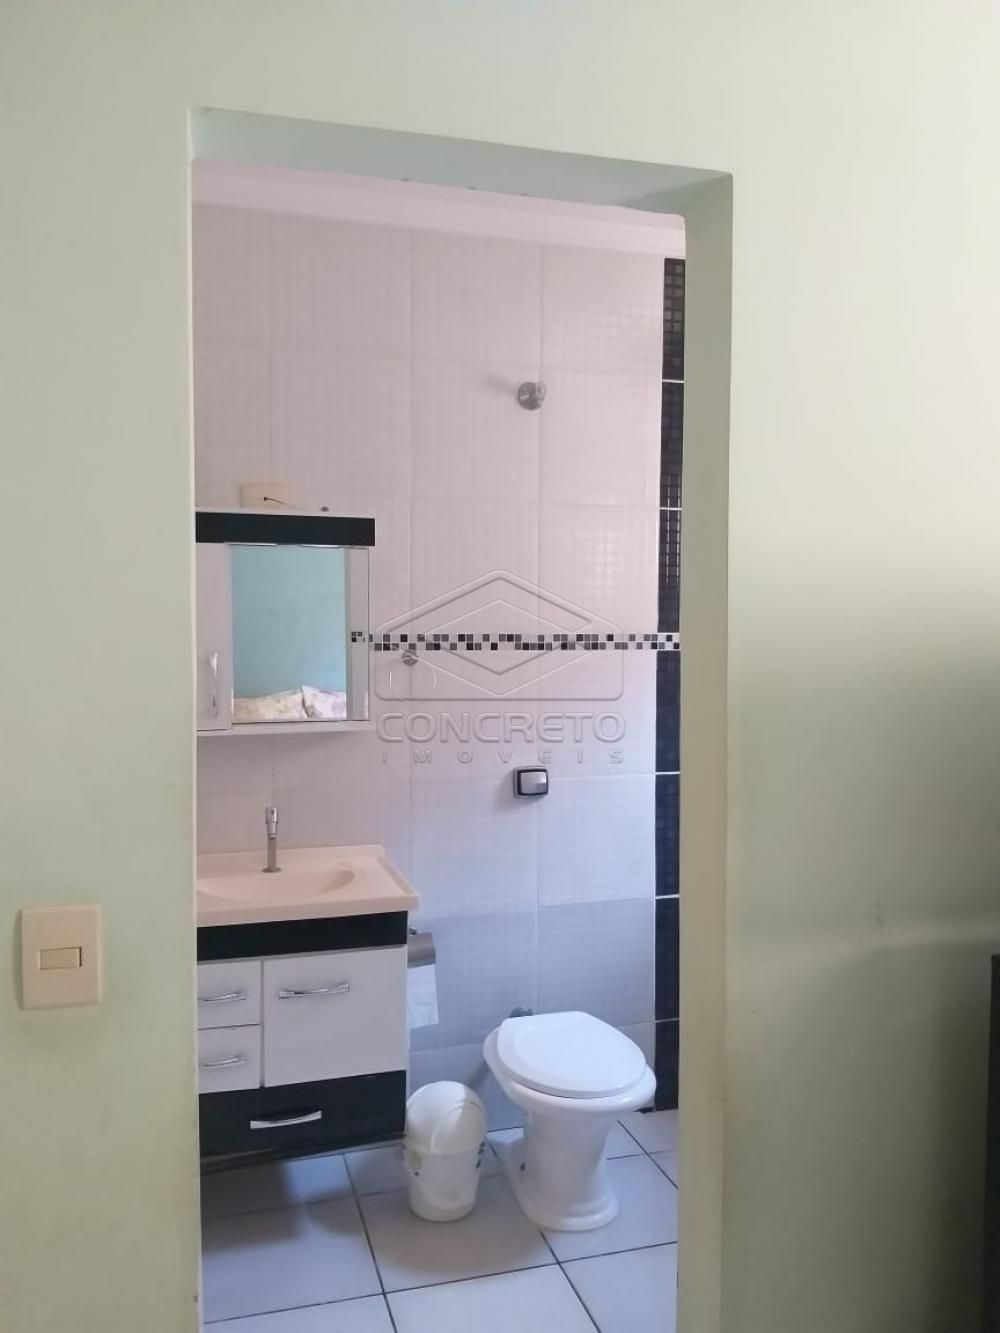 Comprar Casa / Padrão em Bauru R$ 185.000,00 - Foto 17